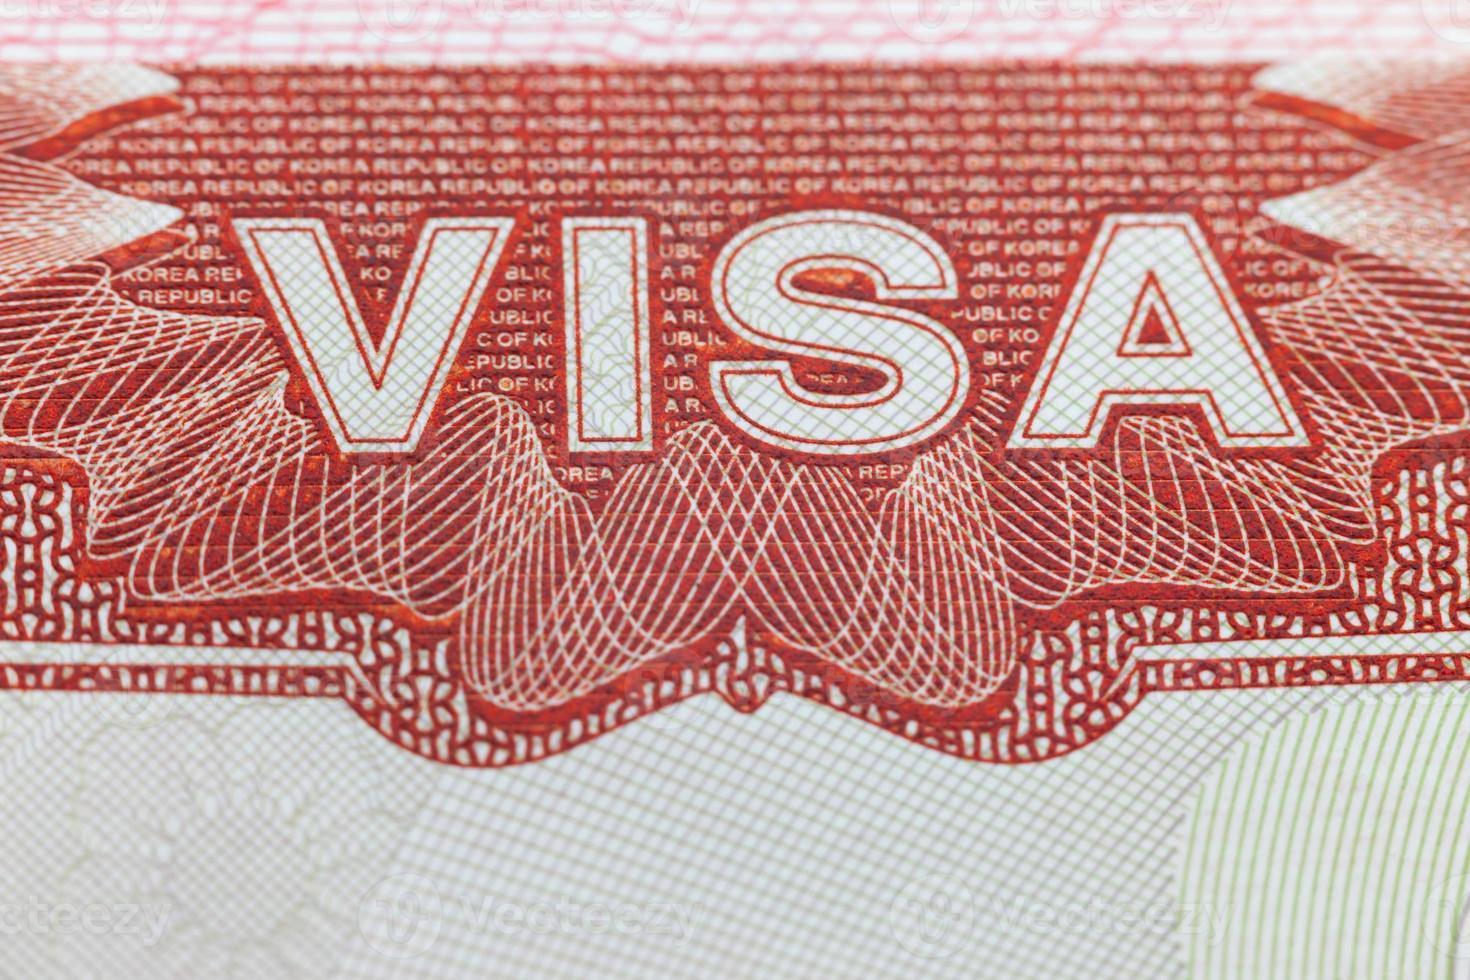 ausländisches Visum auf einer Passseite - genießen Sie den Reisehintergrund foto